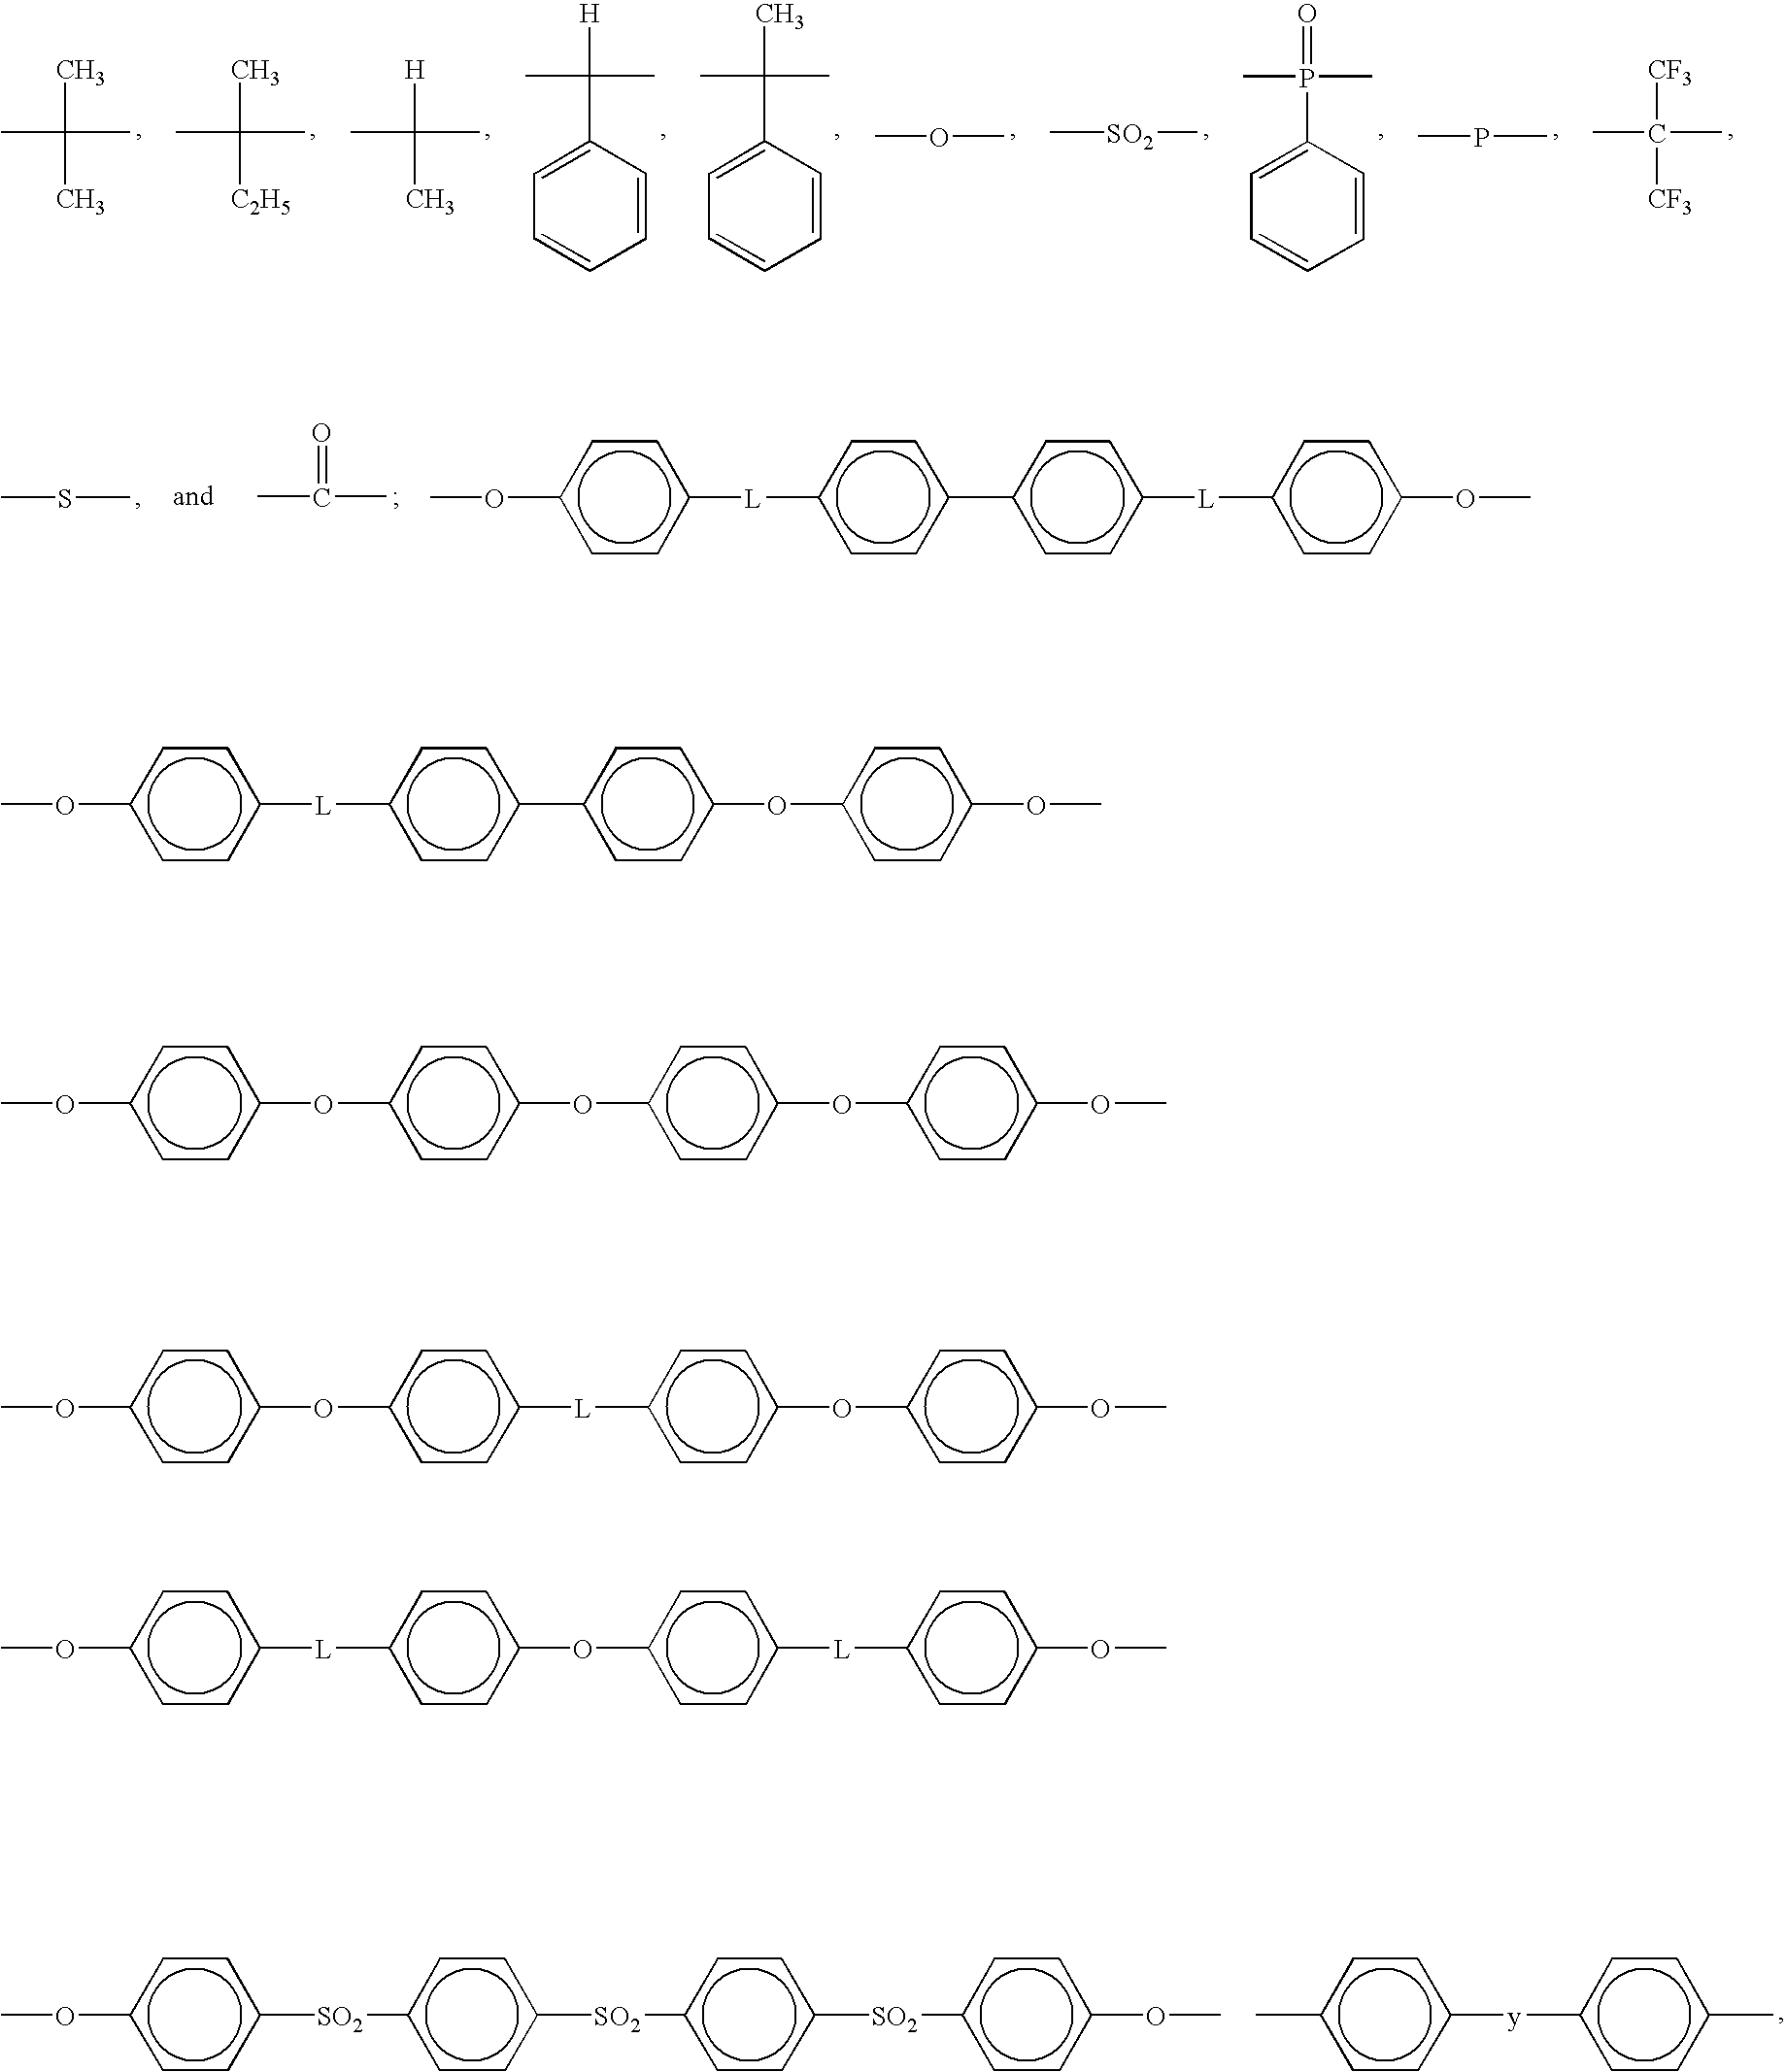 Figure US20080319159A1-20081225-C00018